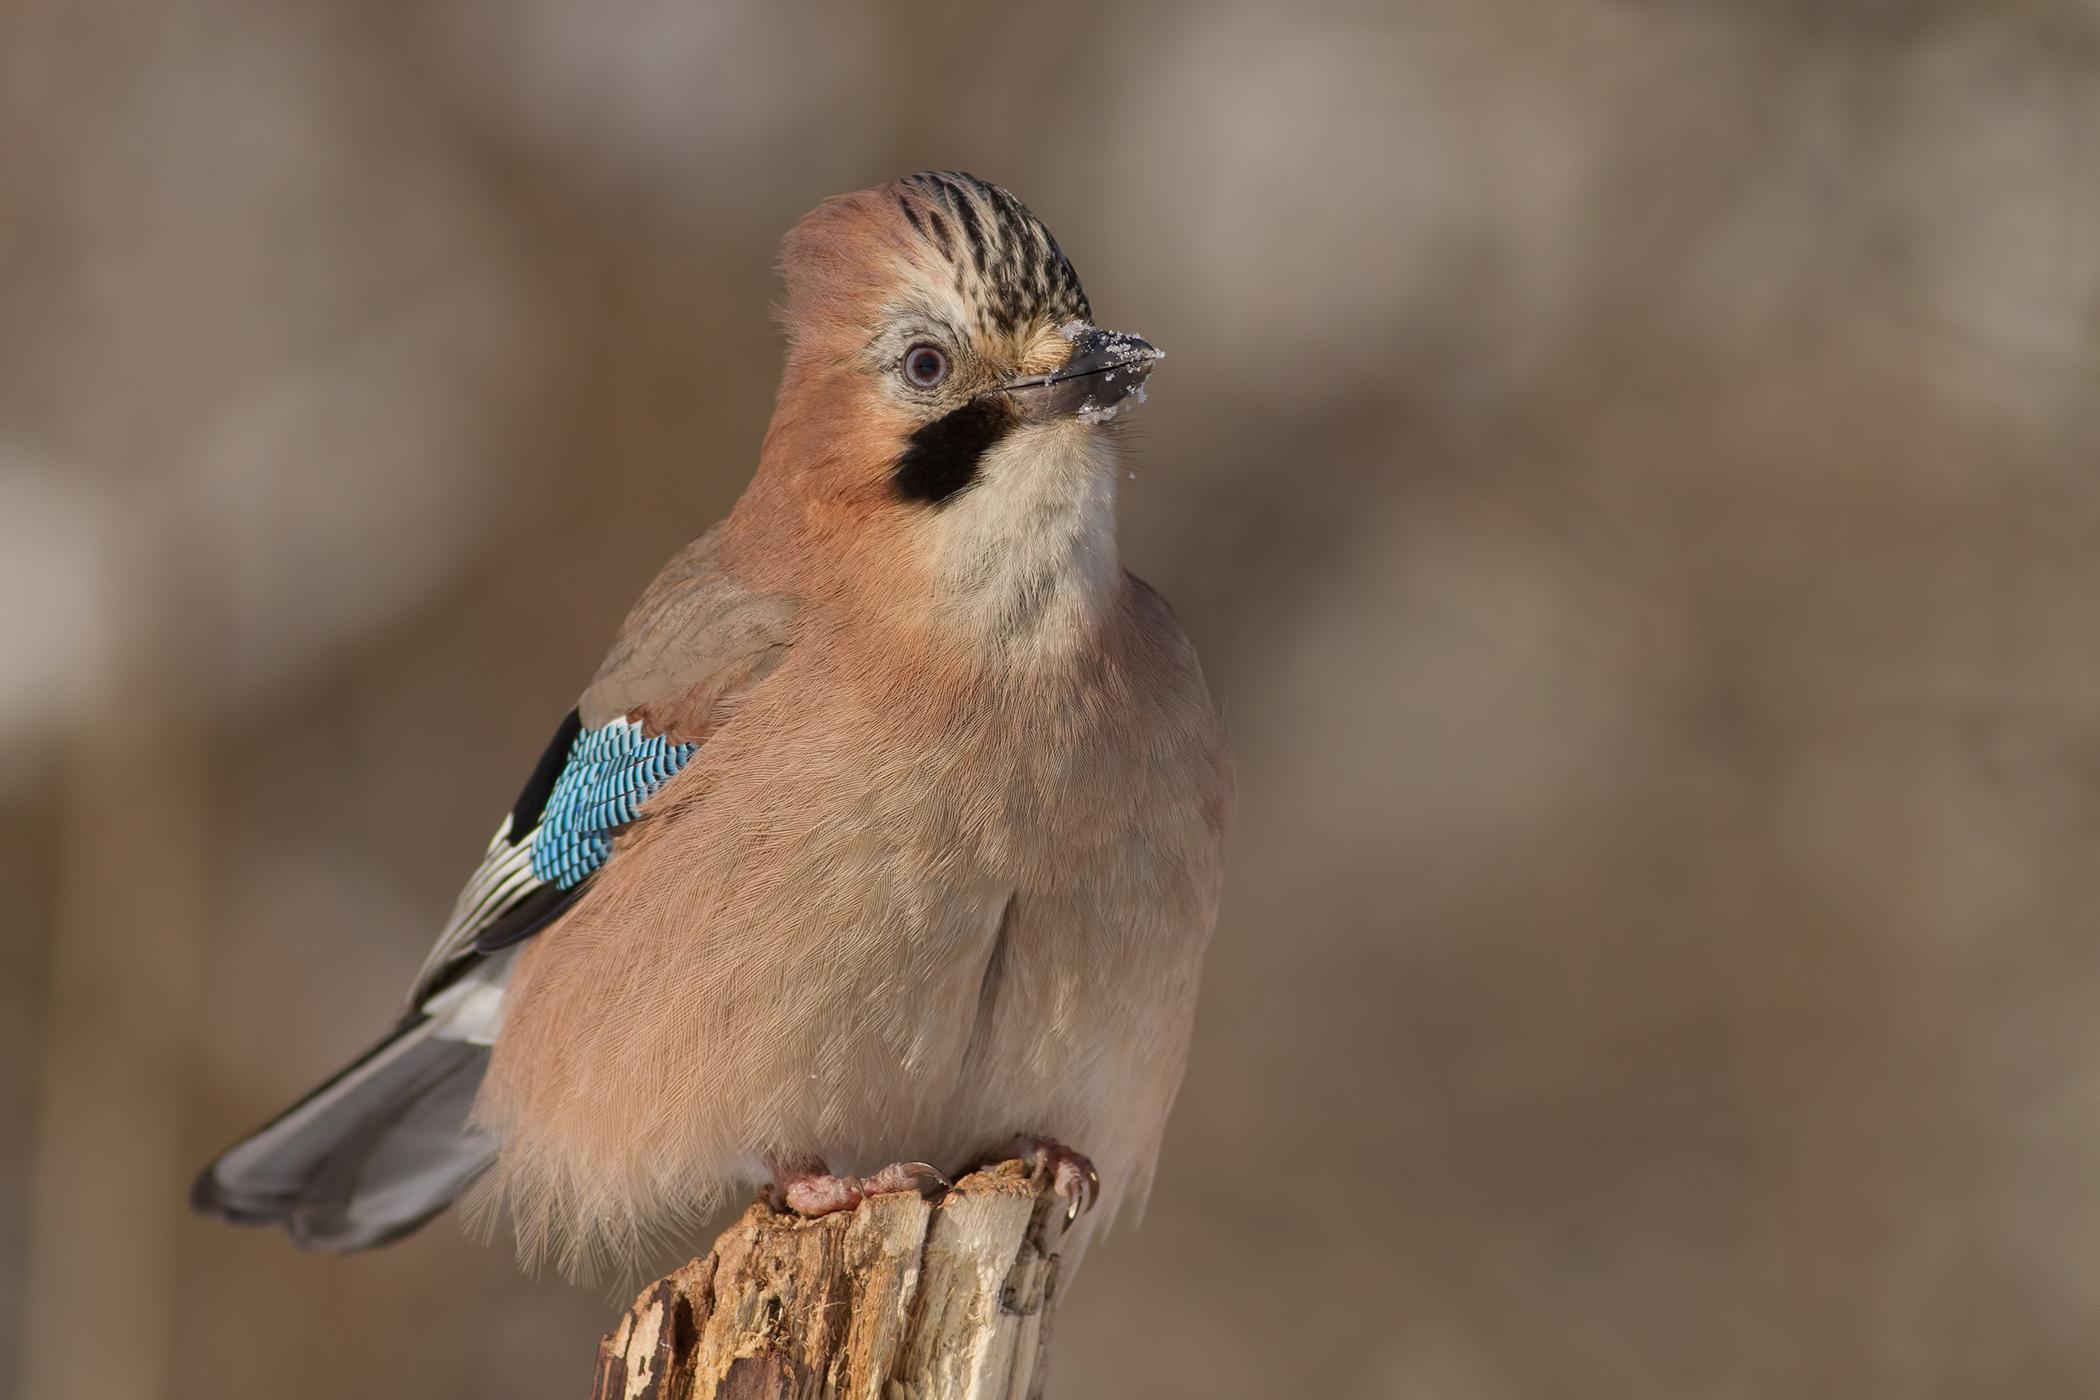 Giardiasis in Birds